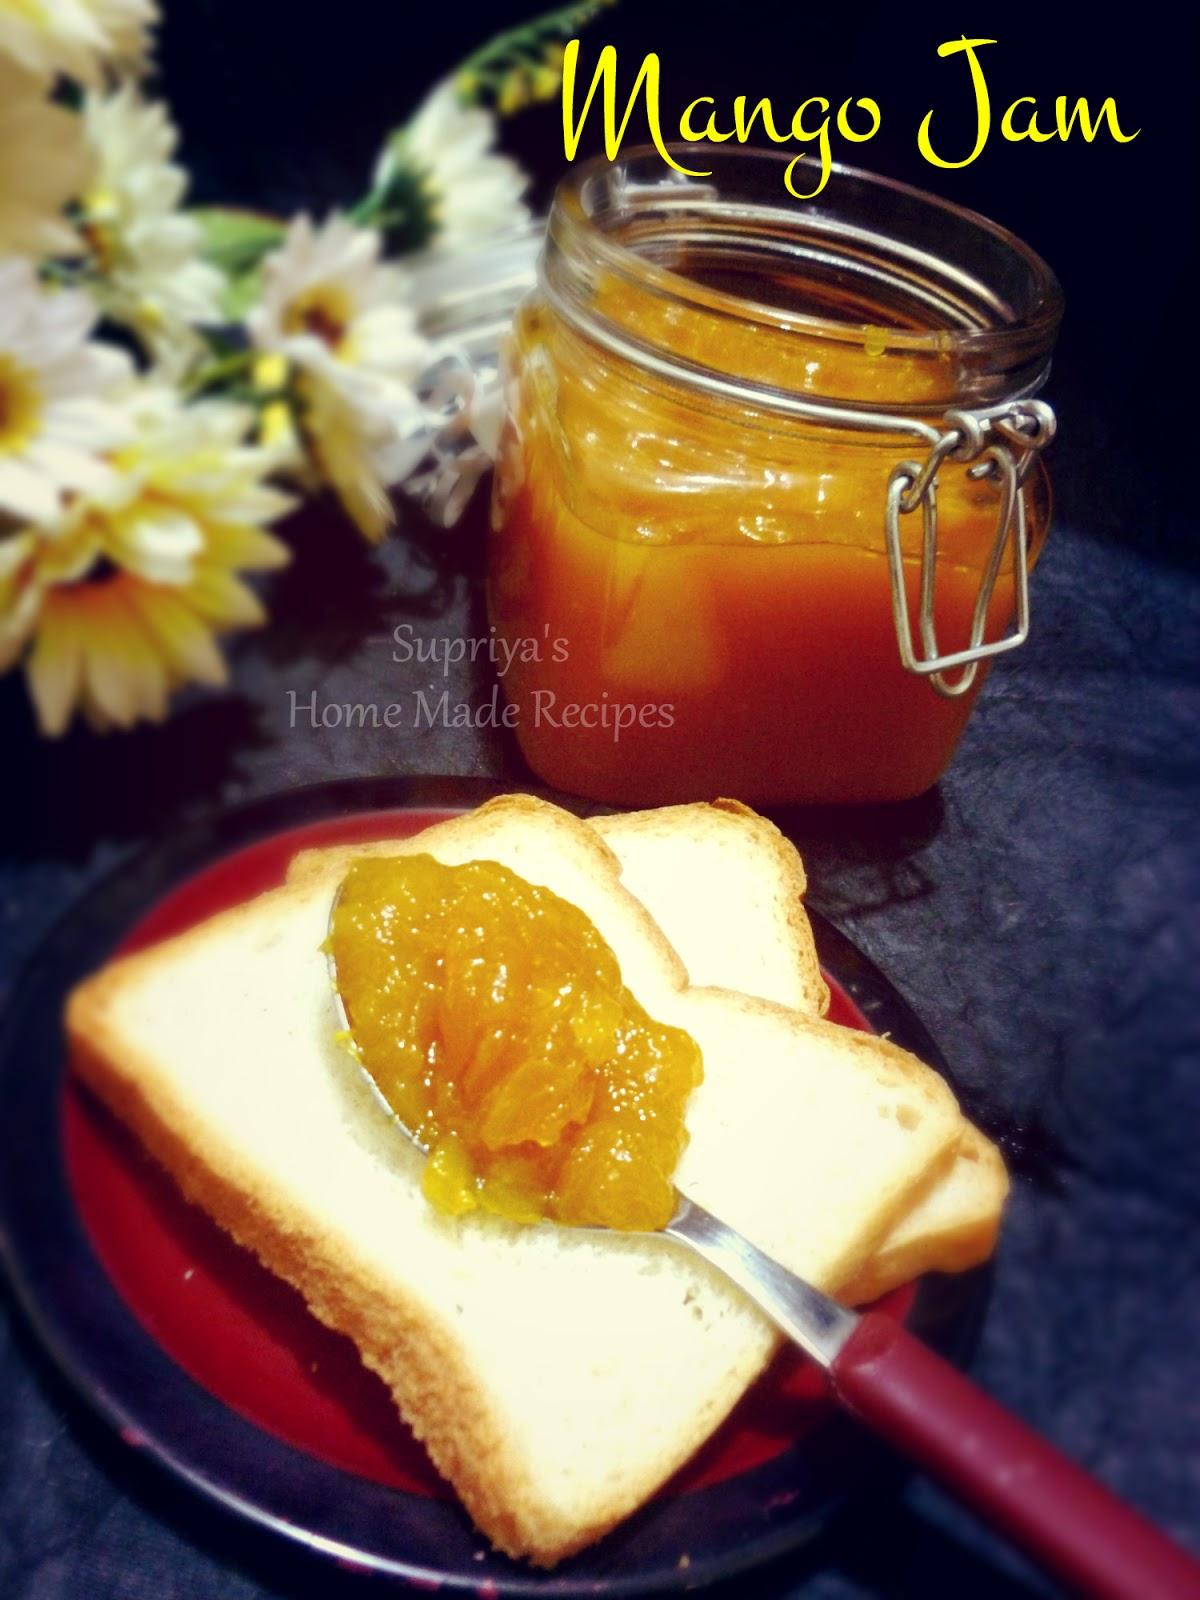 Mango Jam - Preservative free - Home Made